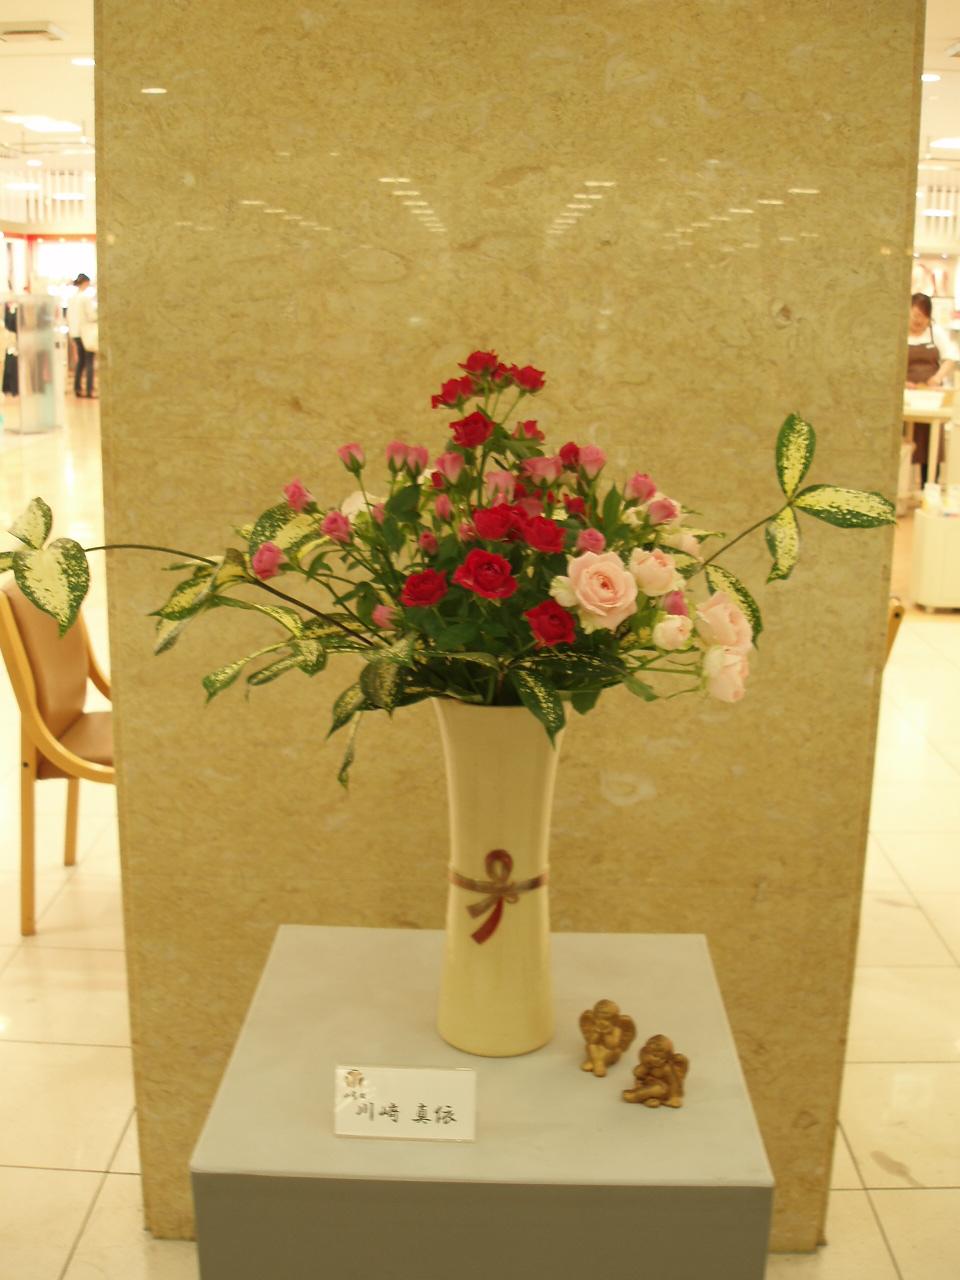 花展へ行きました♪_b0137453_2221697.jpg